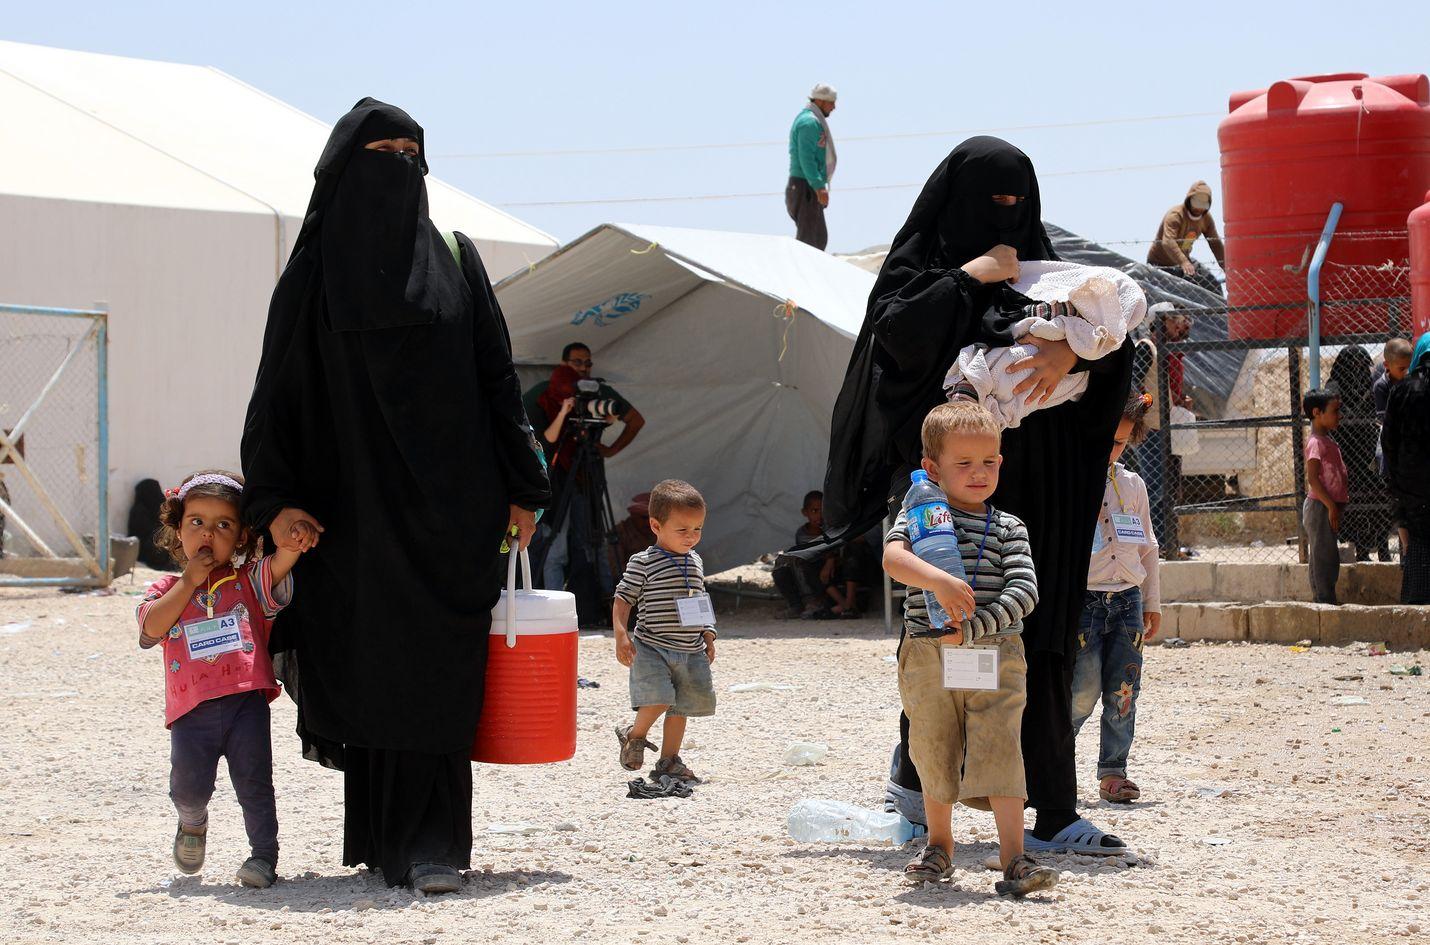 Koillis-Syyriassa sijaitsevalla al-Holin leirillä on kerrottu olevan kymmeniä tuhansia henkilöitä, kuten Isis-taistelijoiden vaimoja lapsineen. Heidän joukossaan on myös suomalaisia. Kuva on arkistokuva.